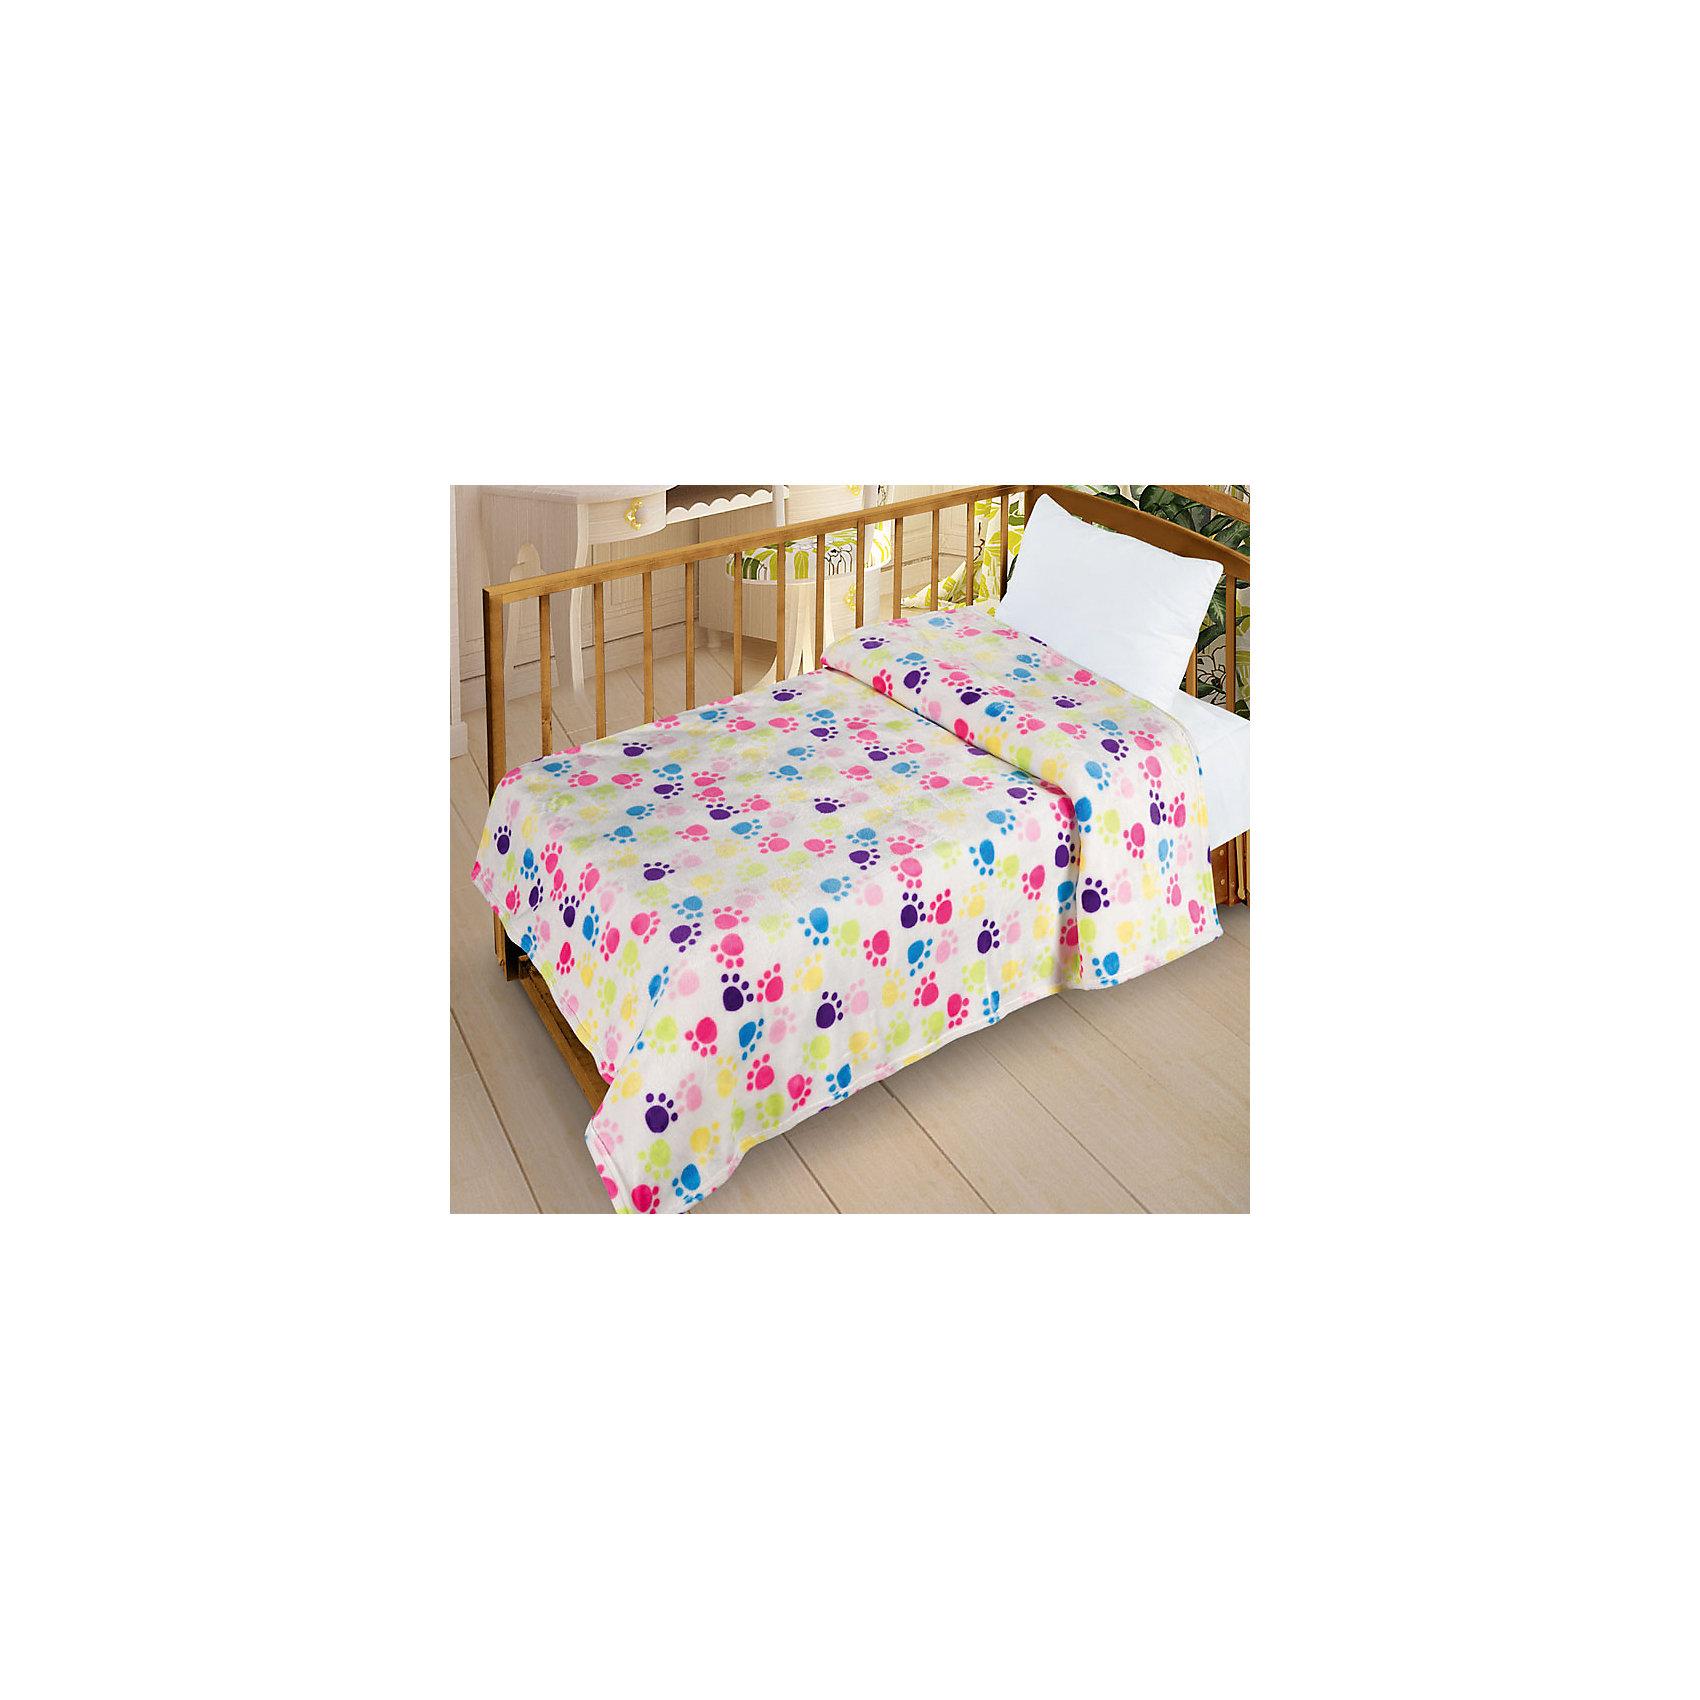 Плед  Велсофт-беби в кроватку VB07, 95х130Нежнейший плед в детскую кроватку выполнен из современного материала Велсофт -  ткань напоминает на ощупь плюшевую игрушку. Материал гипоаллергенен, плед легкий и в то же время теплый. Приятна расцветка пледа создаст в детской комнате уют и приятную атмосферу. <br><br>Дополнительная информация:<br><br>Размер: 95*130 см<br>Состав: микрофибра 100%<br><br>Плед  Велсофт-беби в кроватку VB07, 95х130 можно купить в нашем магазине.<br><br>Ширина мм: 400<br>Глубина мм: 100<br>Высота мм: 500<br>Вес г: 800<br>Возраст от месяцев: 0<br>Возраст до месяцев: 36<br>Пол: Унисекс<br>Возраст: Детский<br>SKU: 4647769